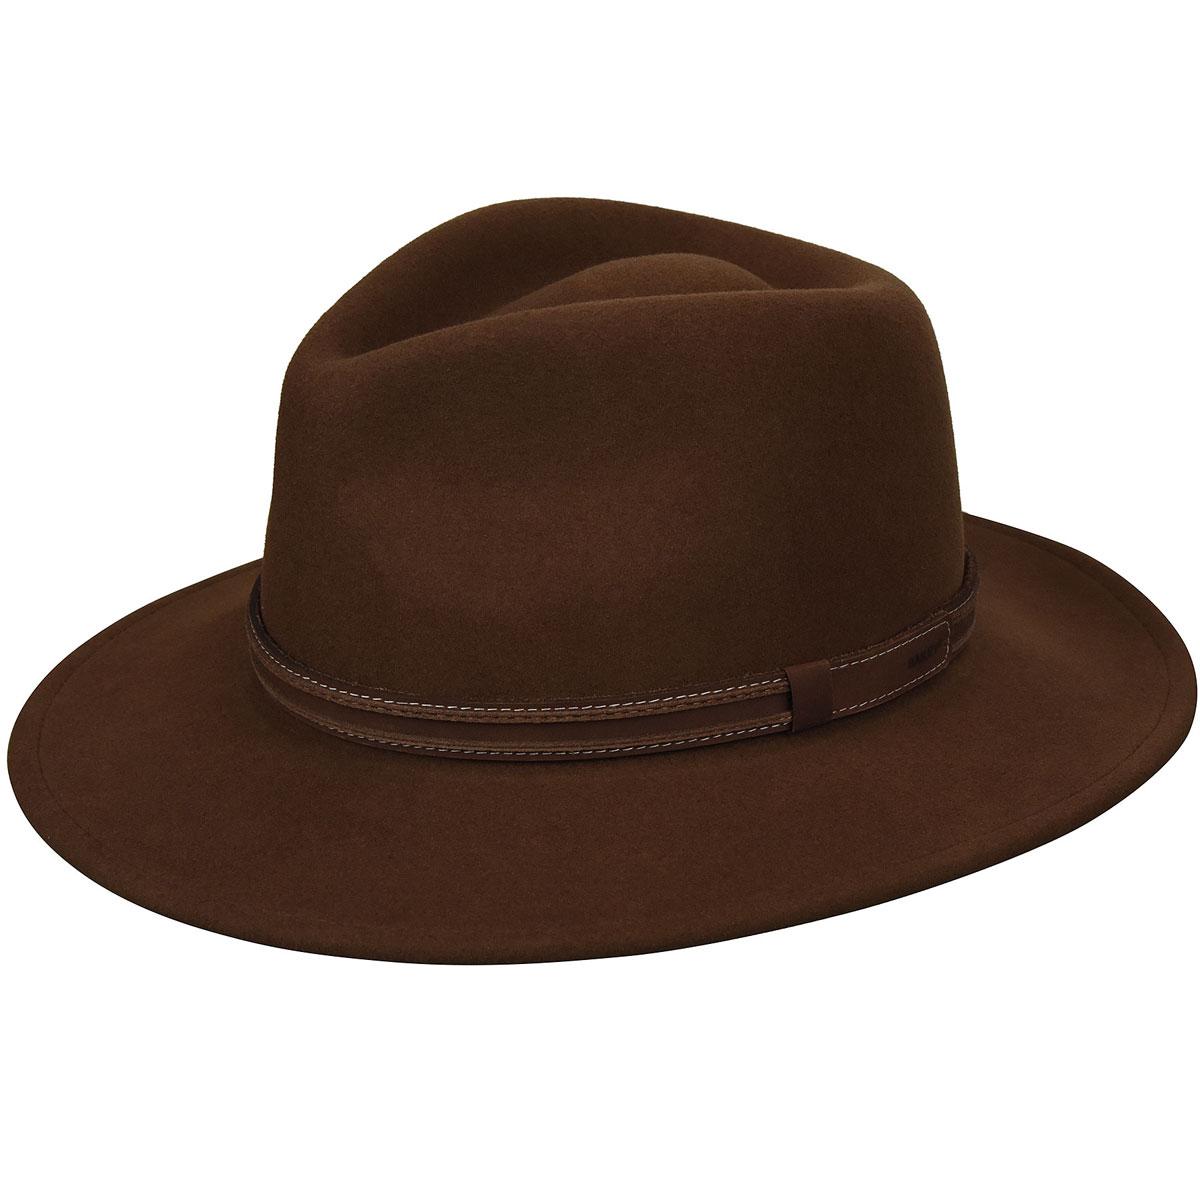 Men's Vintage Style Hats, Retro Hats Camden LiteFeltFedora $86.25 AT vintagedancer.com